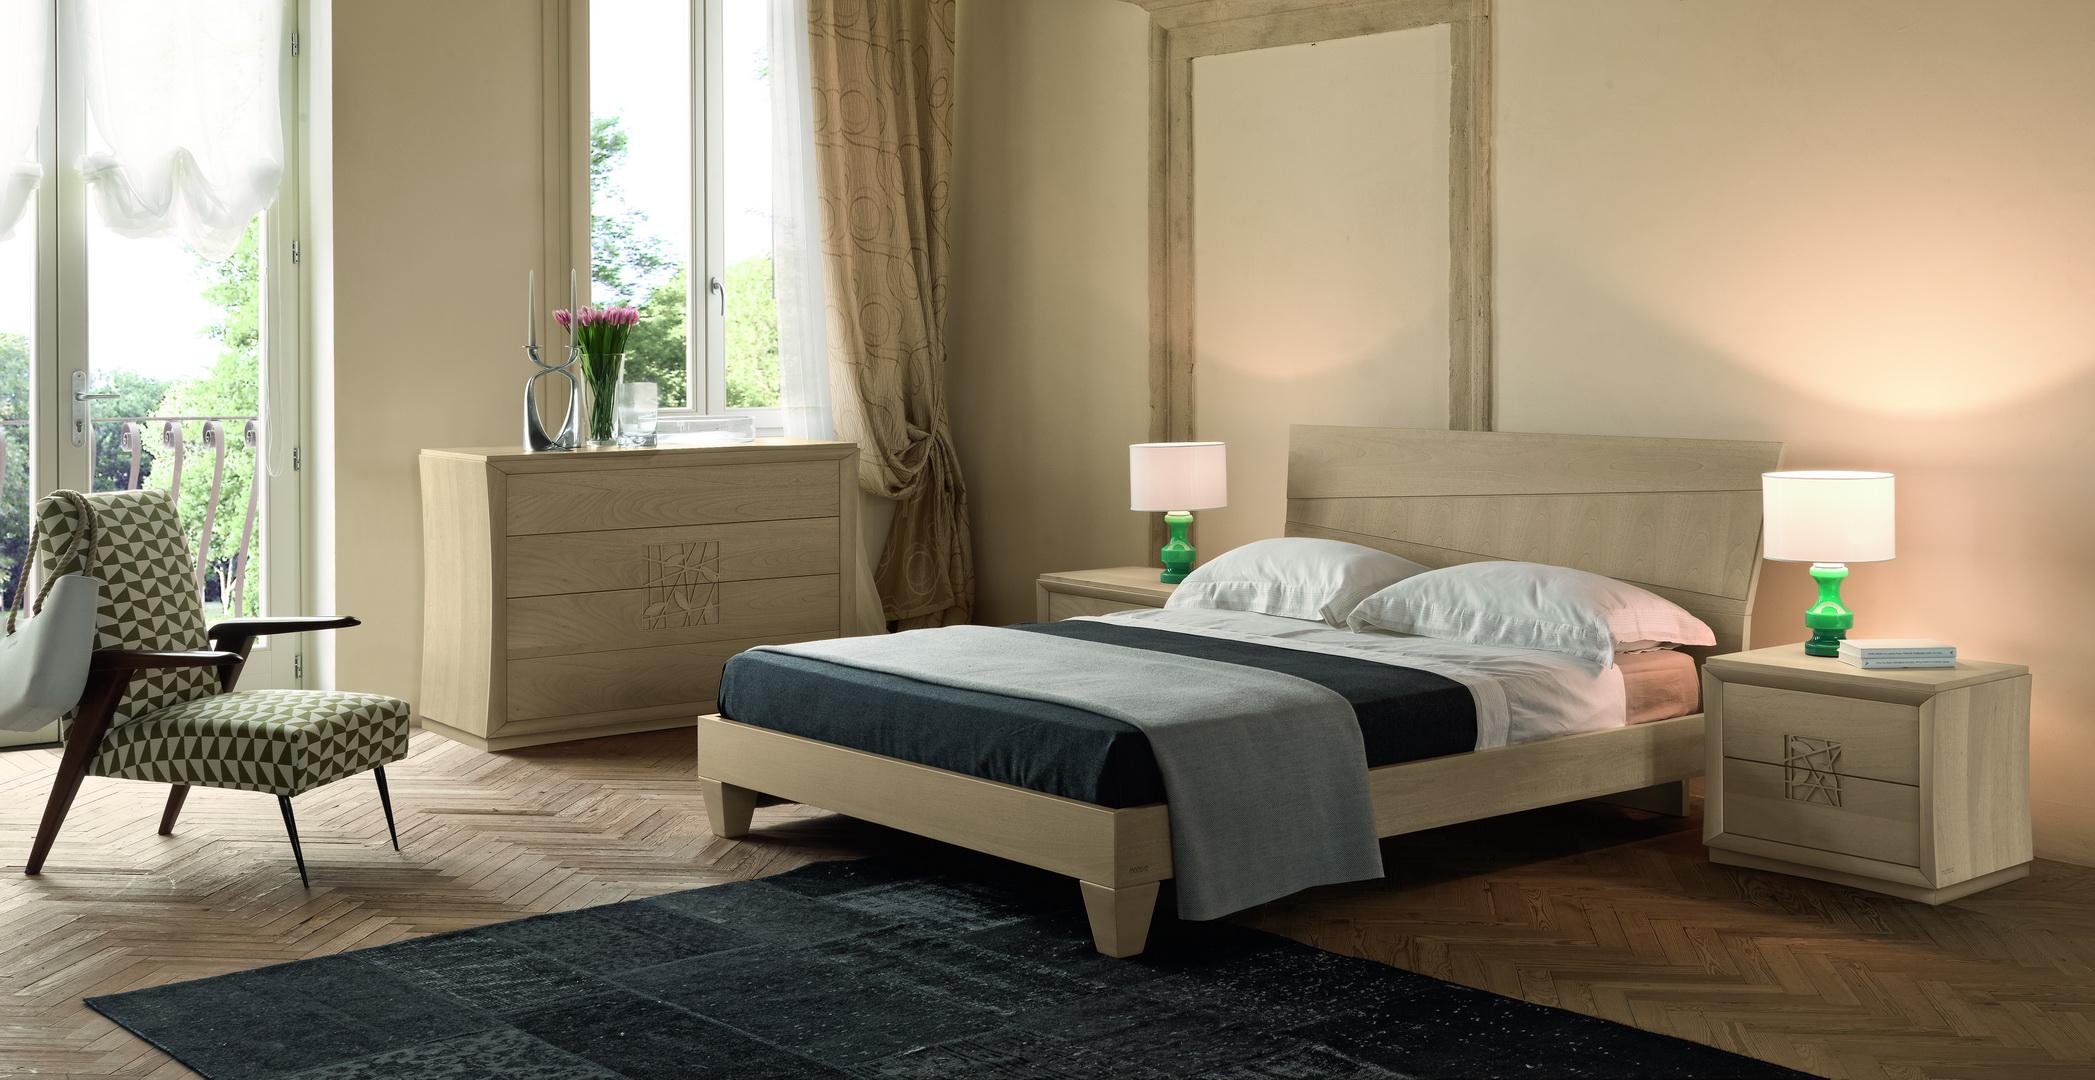 Camera da letto md10005 c4 home arredamenti cosenza for House arredamenti